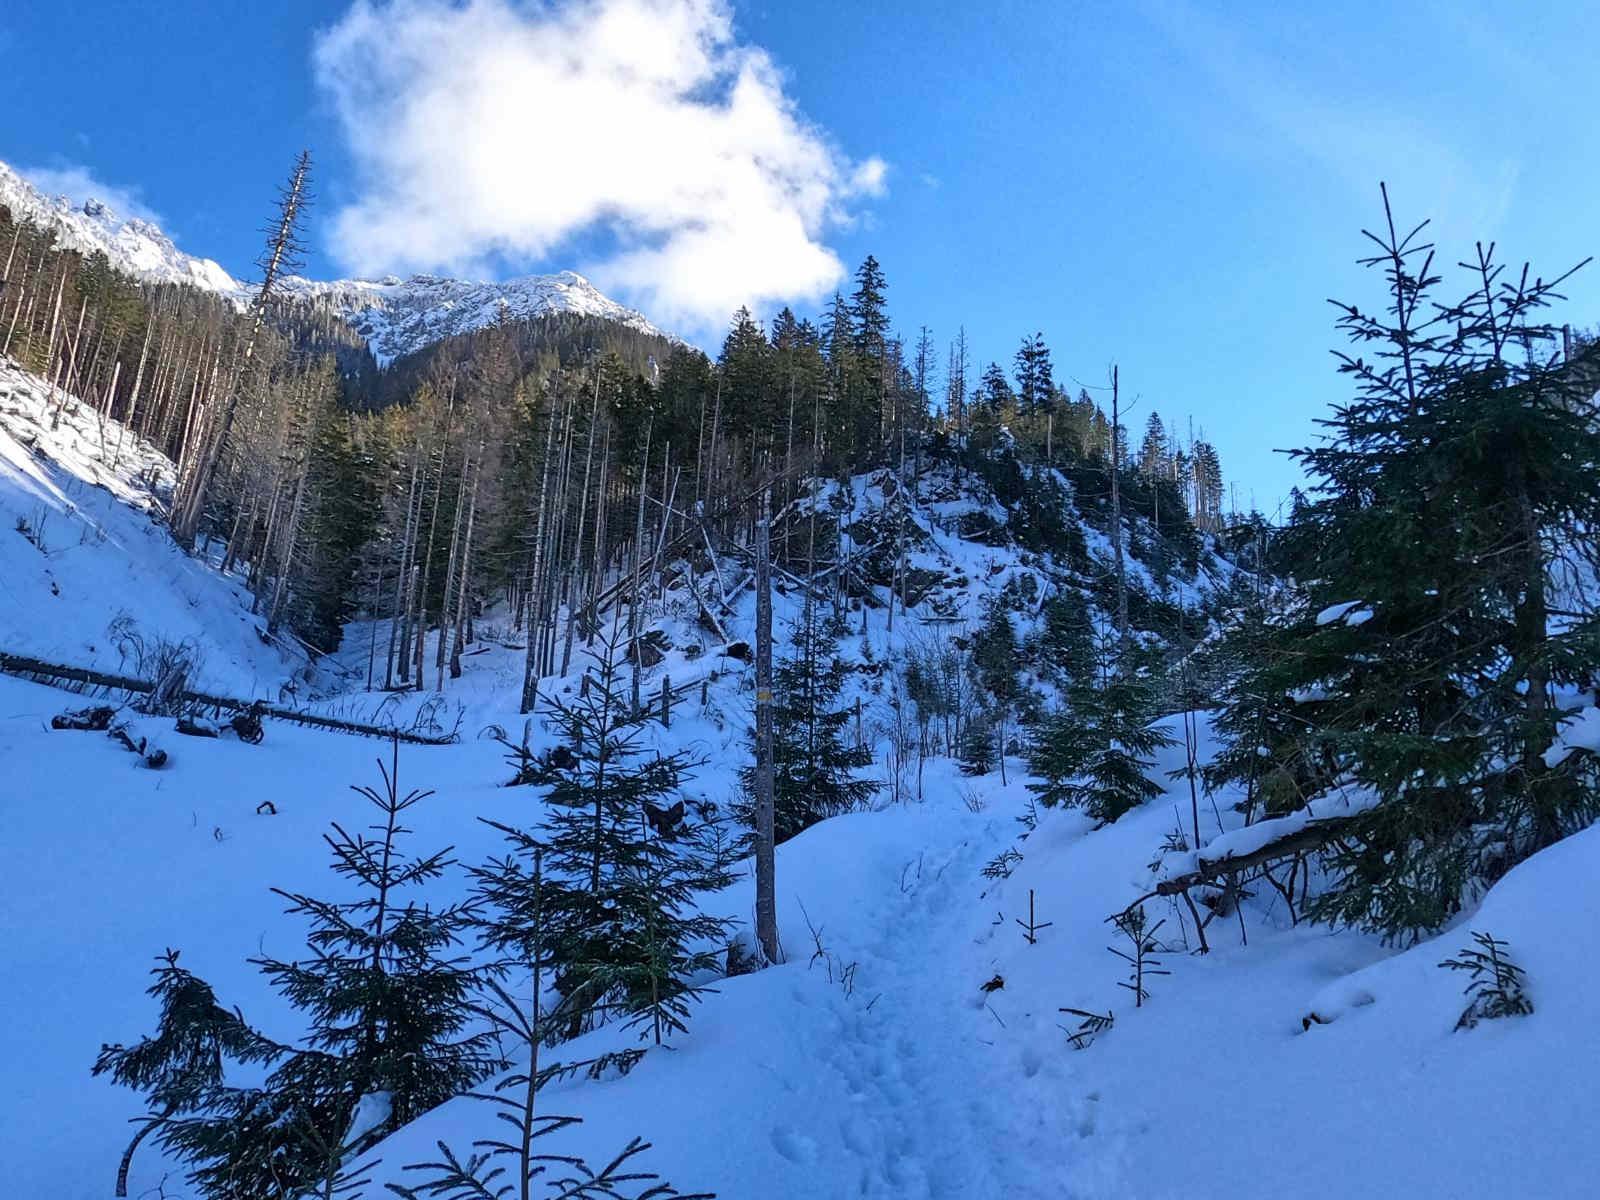 Iwaniacka Przełęcz, wejście z Doliny Chochołowskiej